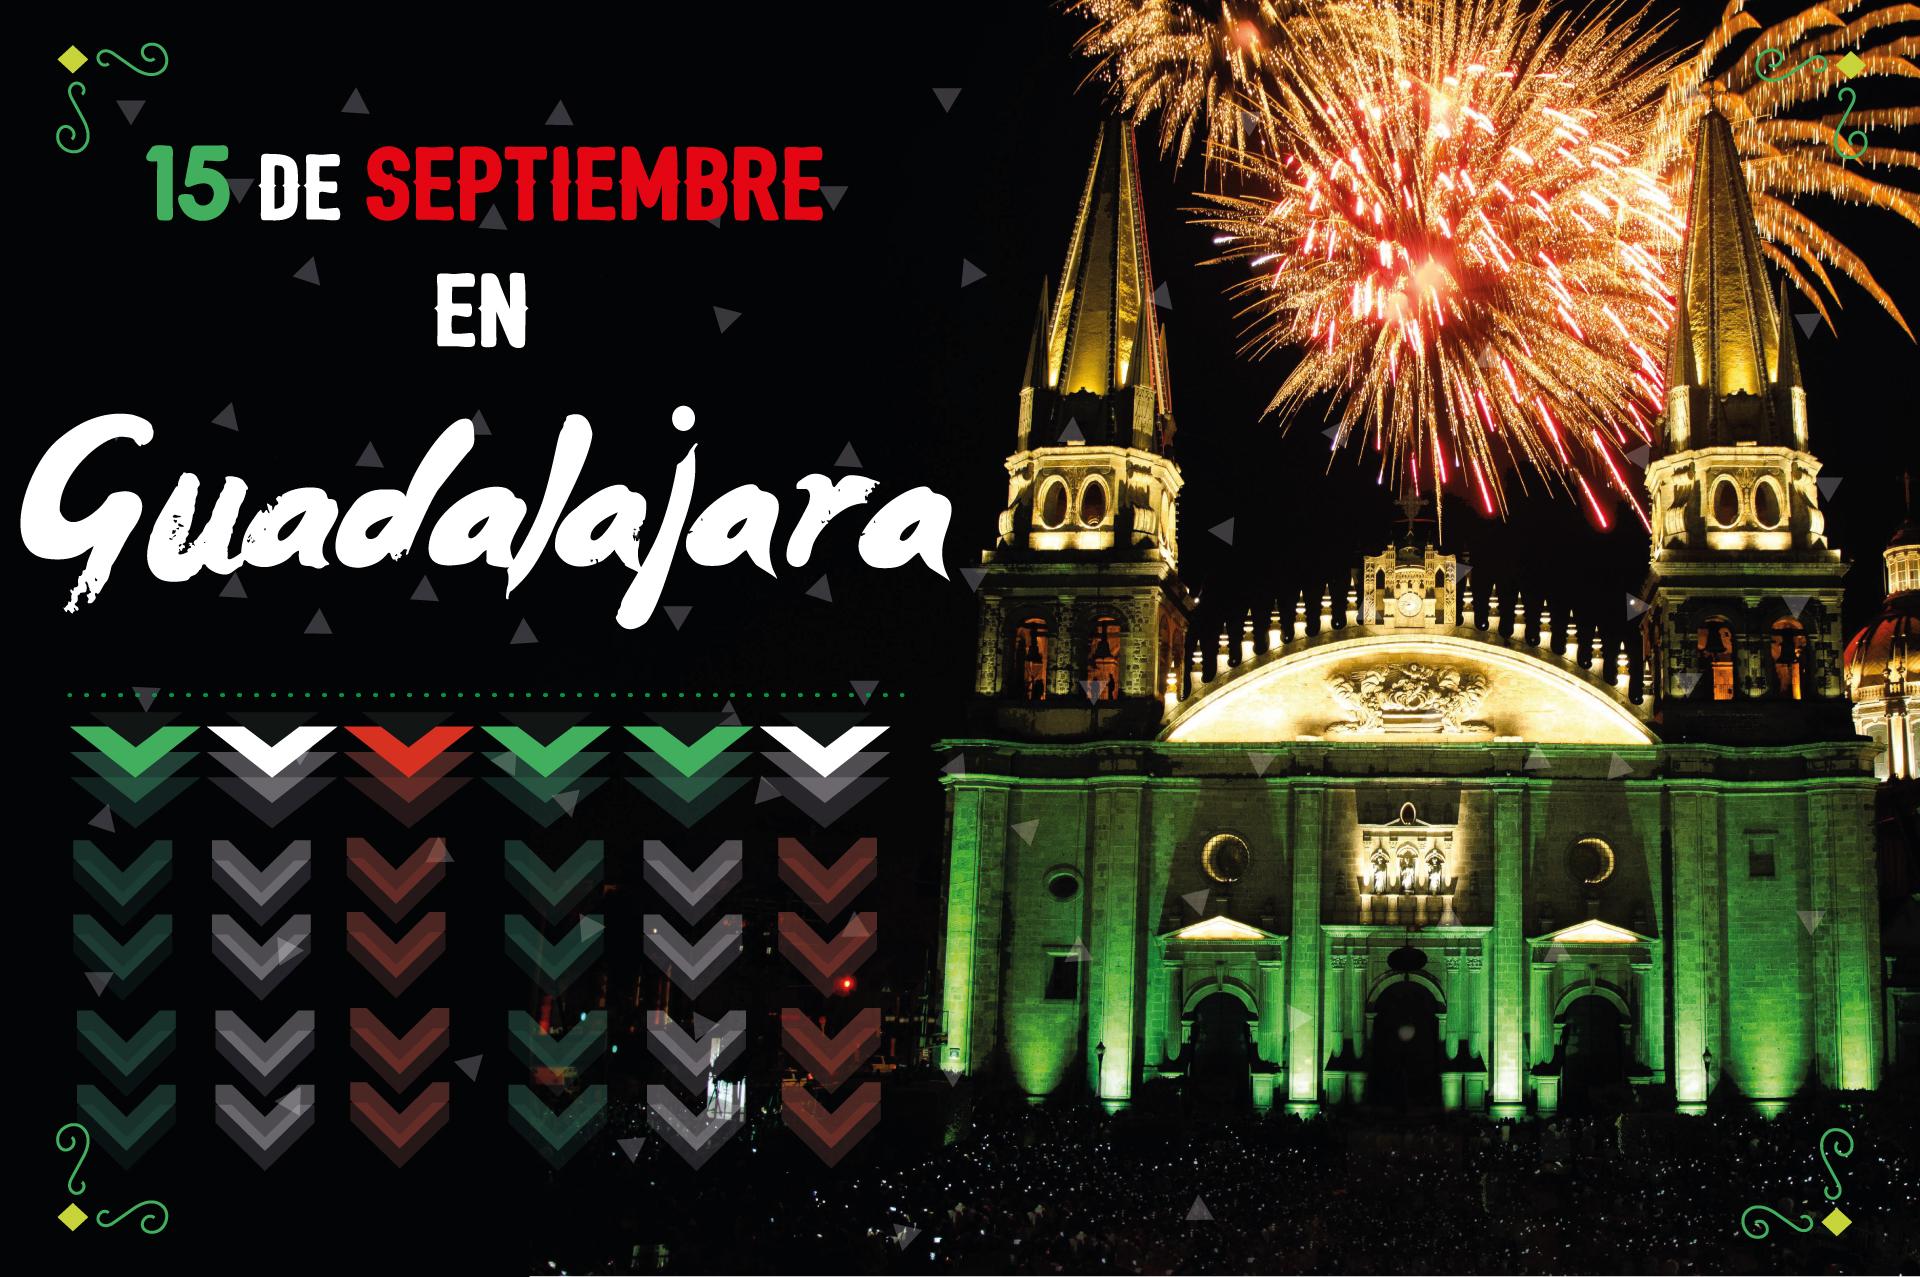 Festejar el 15 de Septiembre en Guadalajara